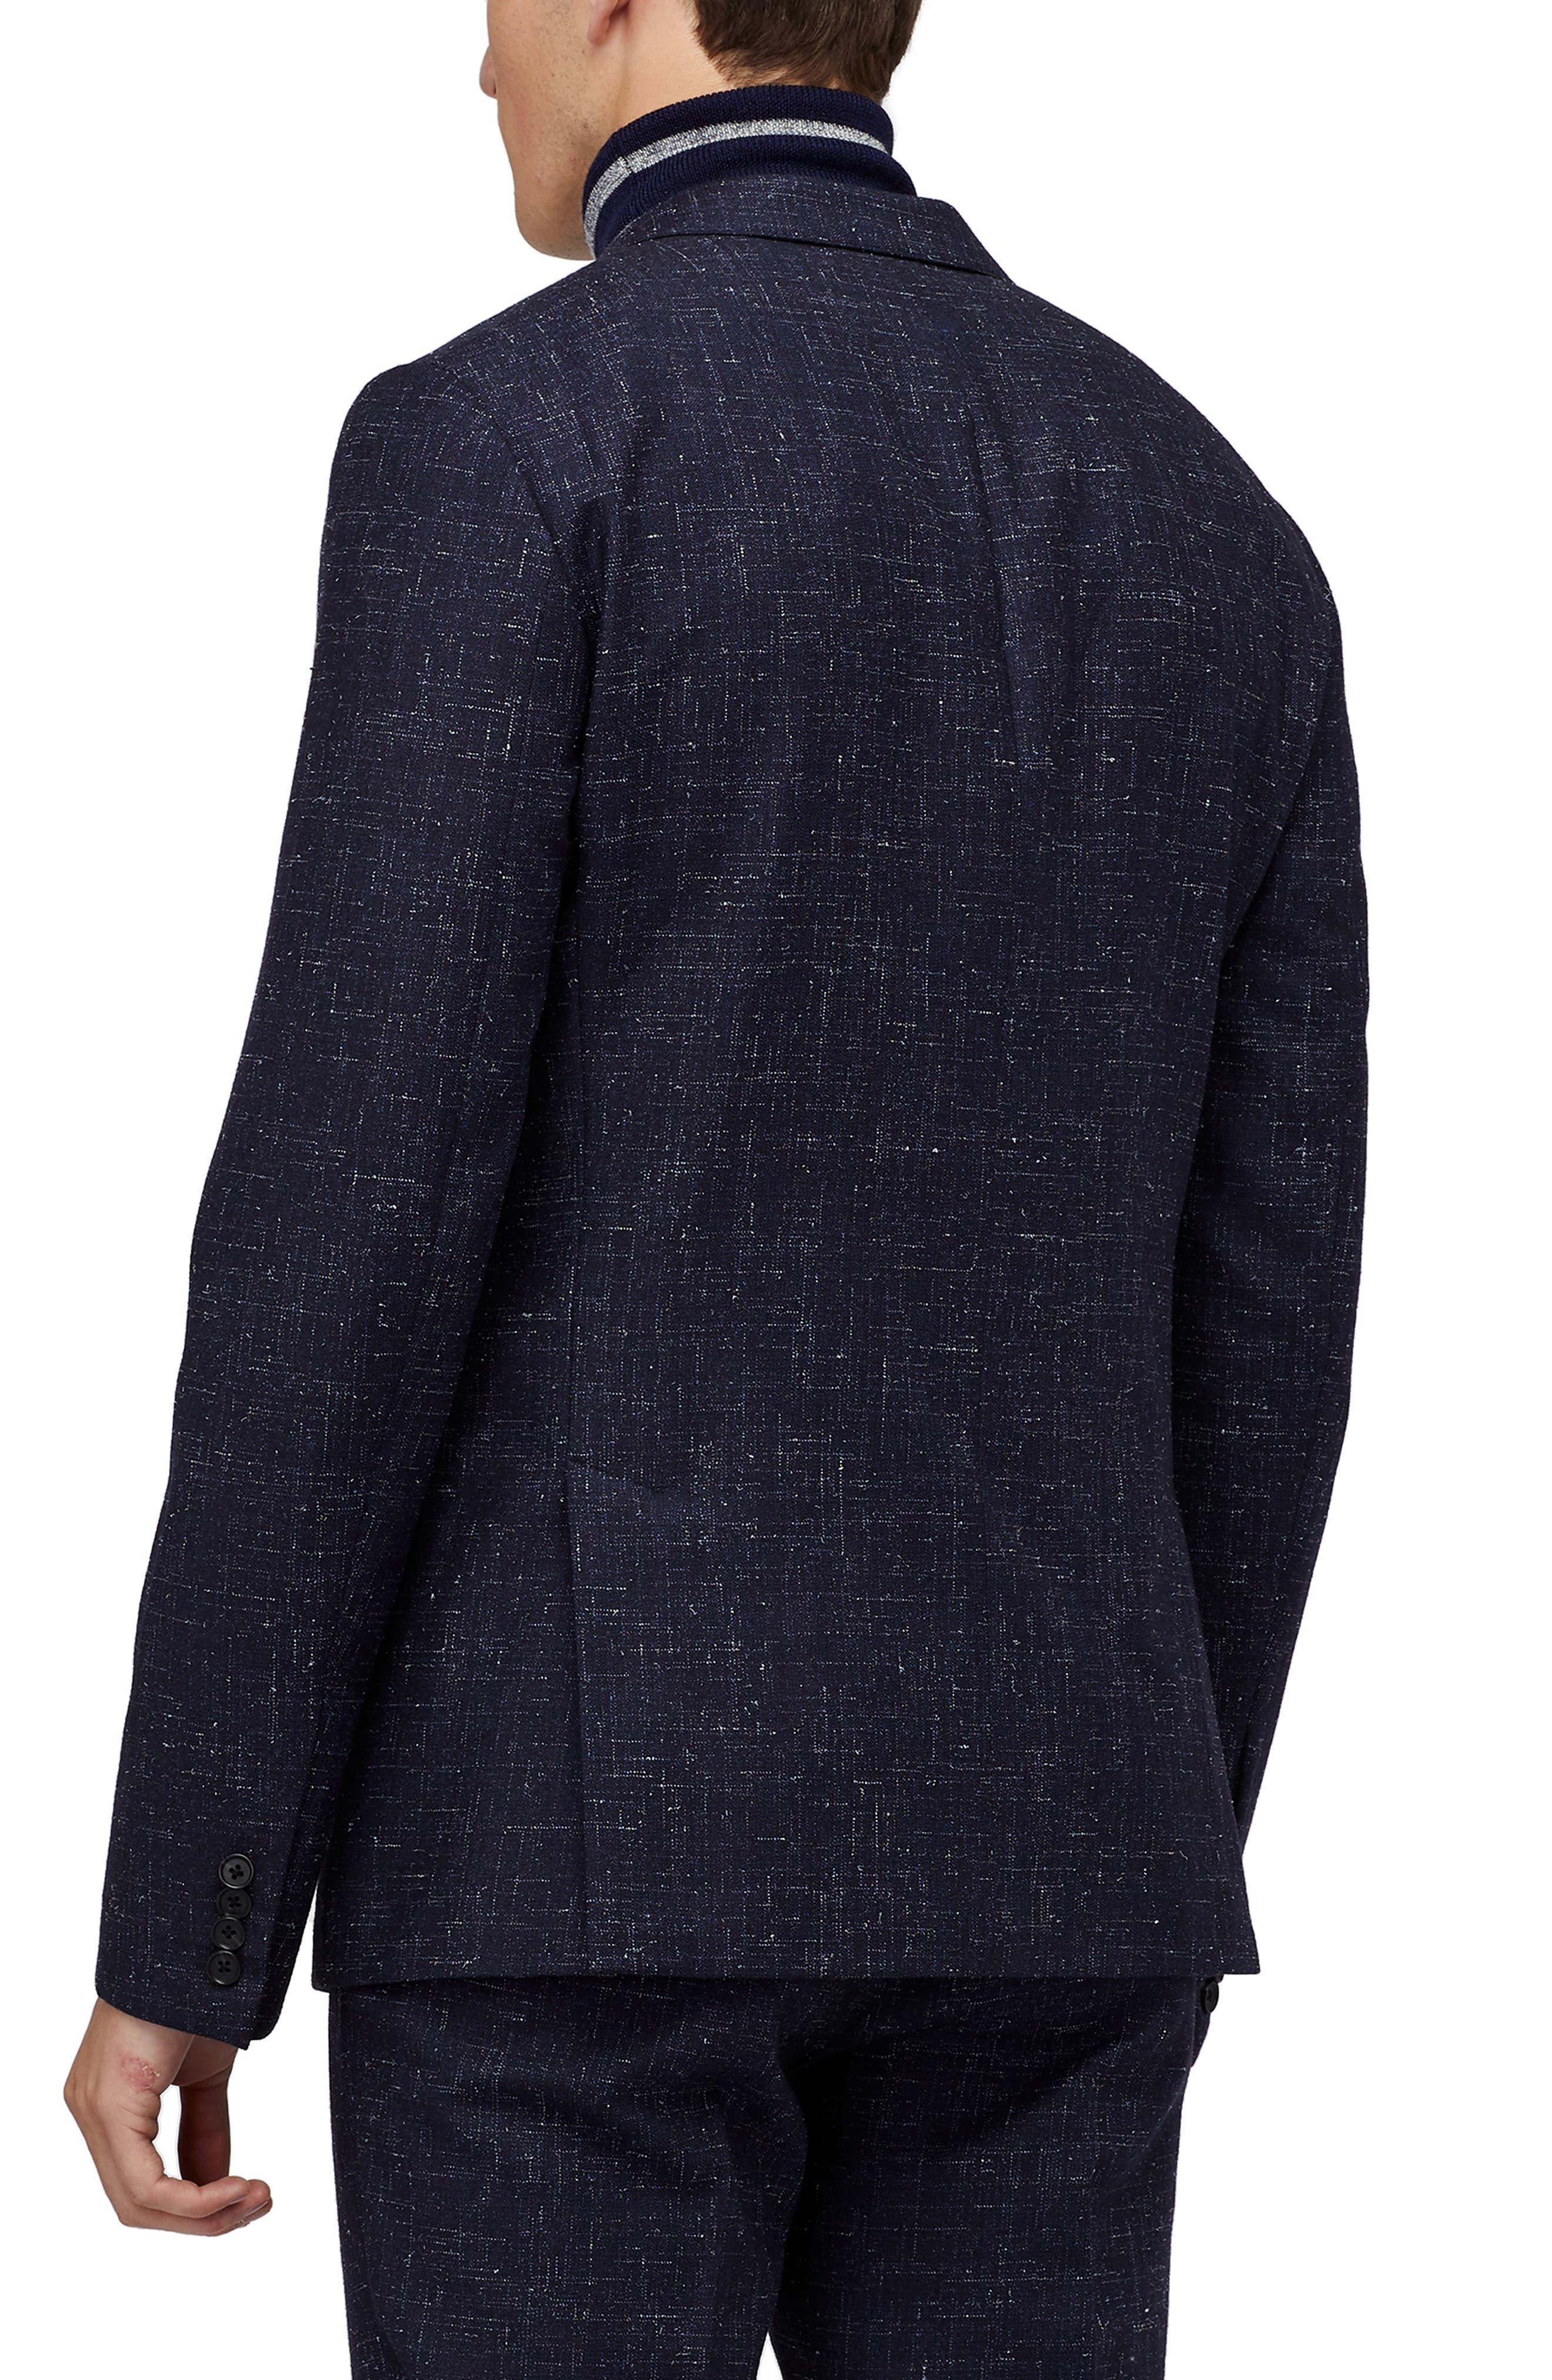 Jetsetter Crosshatch Wool Blend Blazer,                             Alternate thumbnail 2, color,                             400